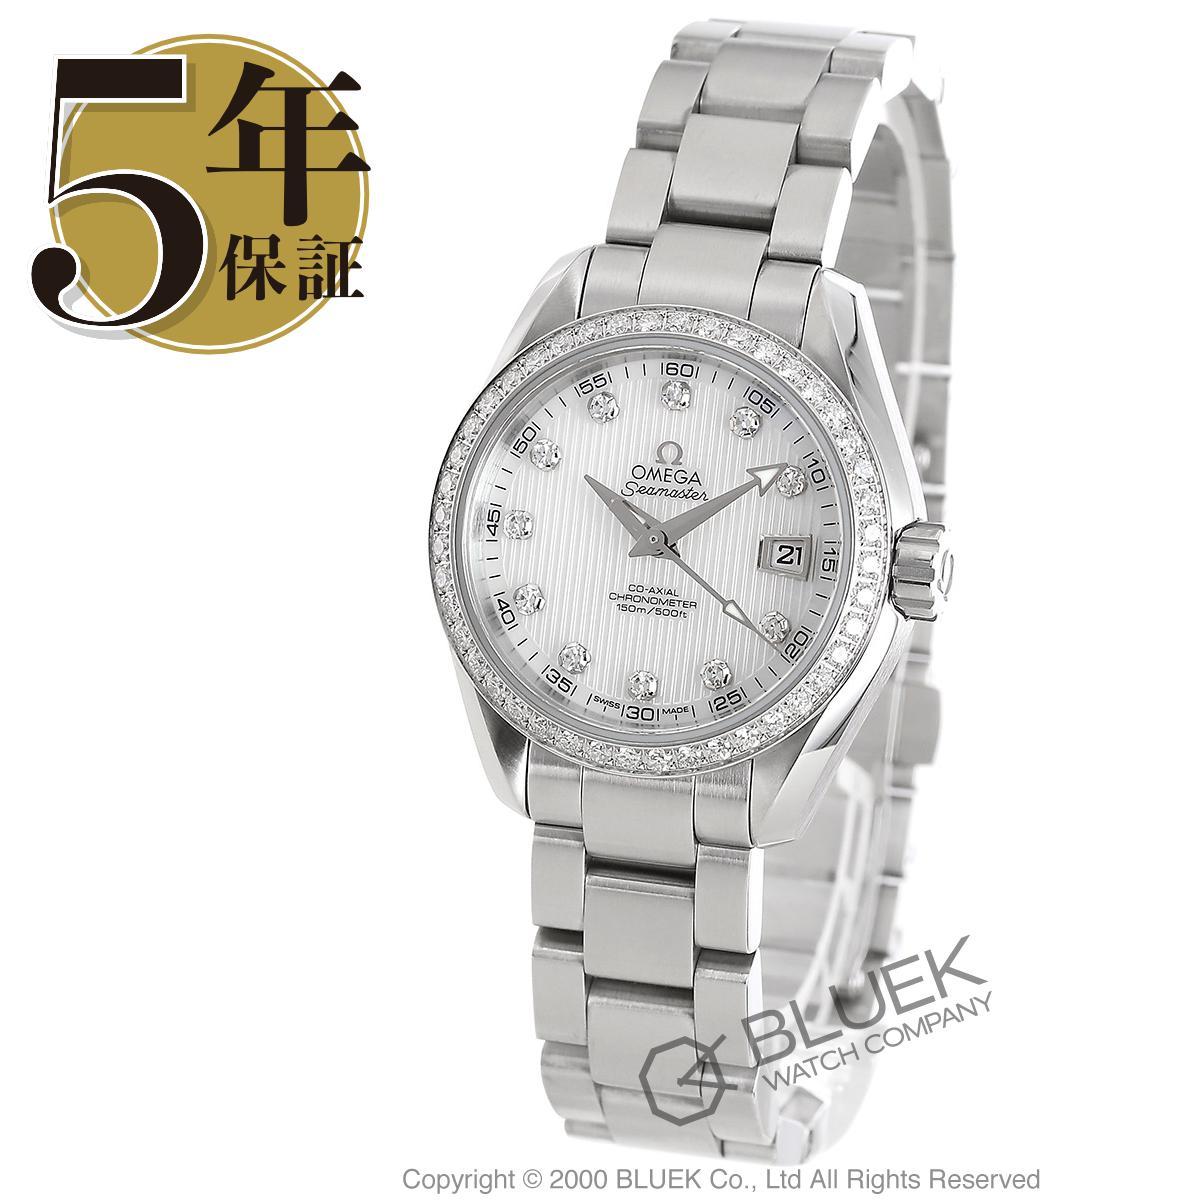 オメガ シーマスター アクアテラ ダイヤ 腕時計 レディース OMEGA 231.15.30.20.55.001_8